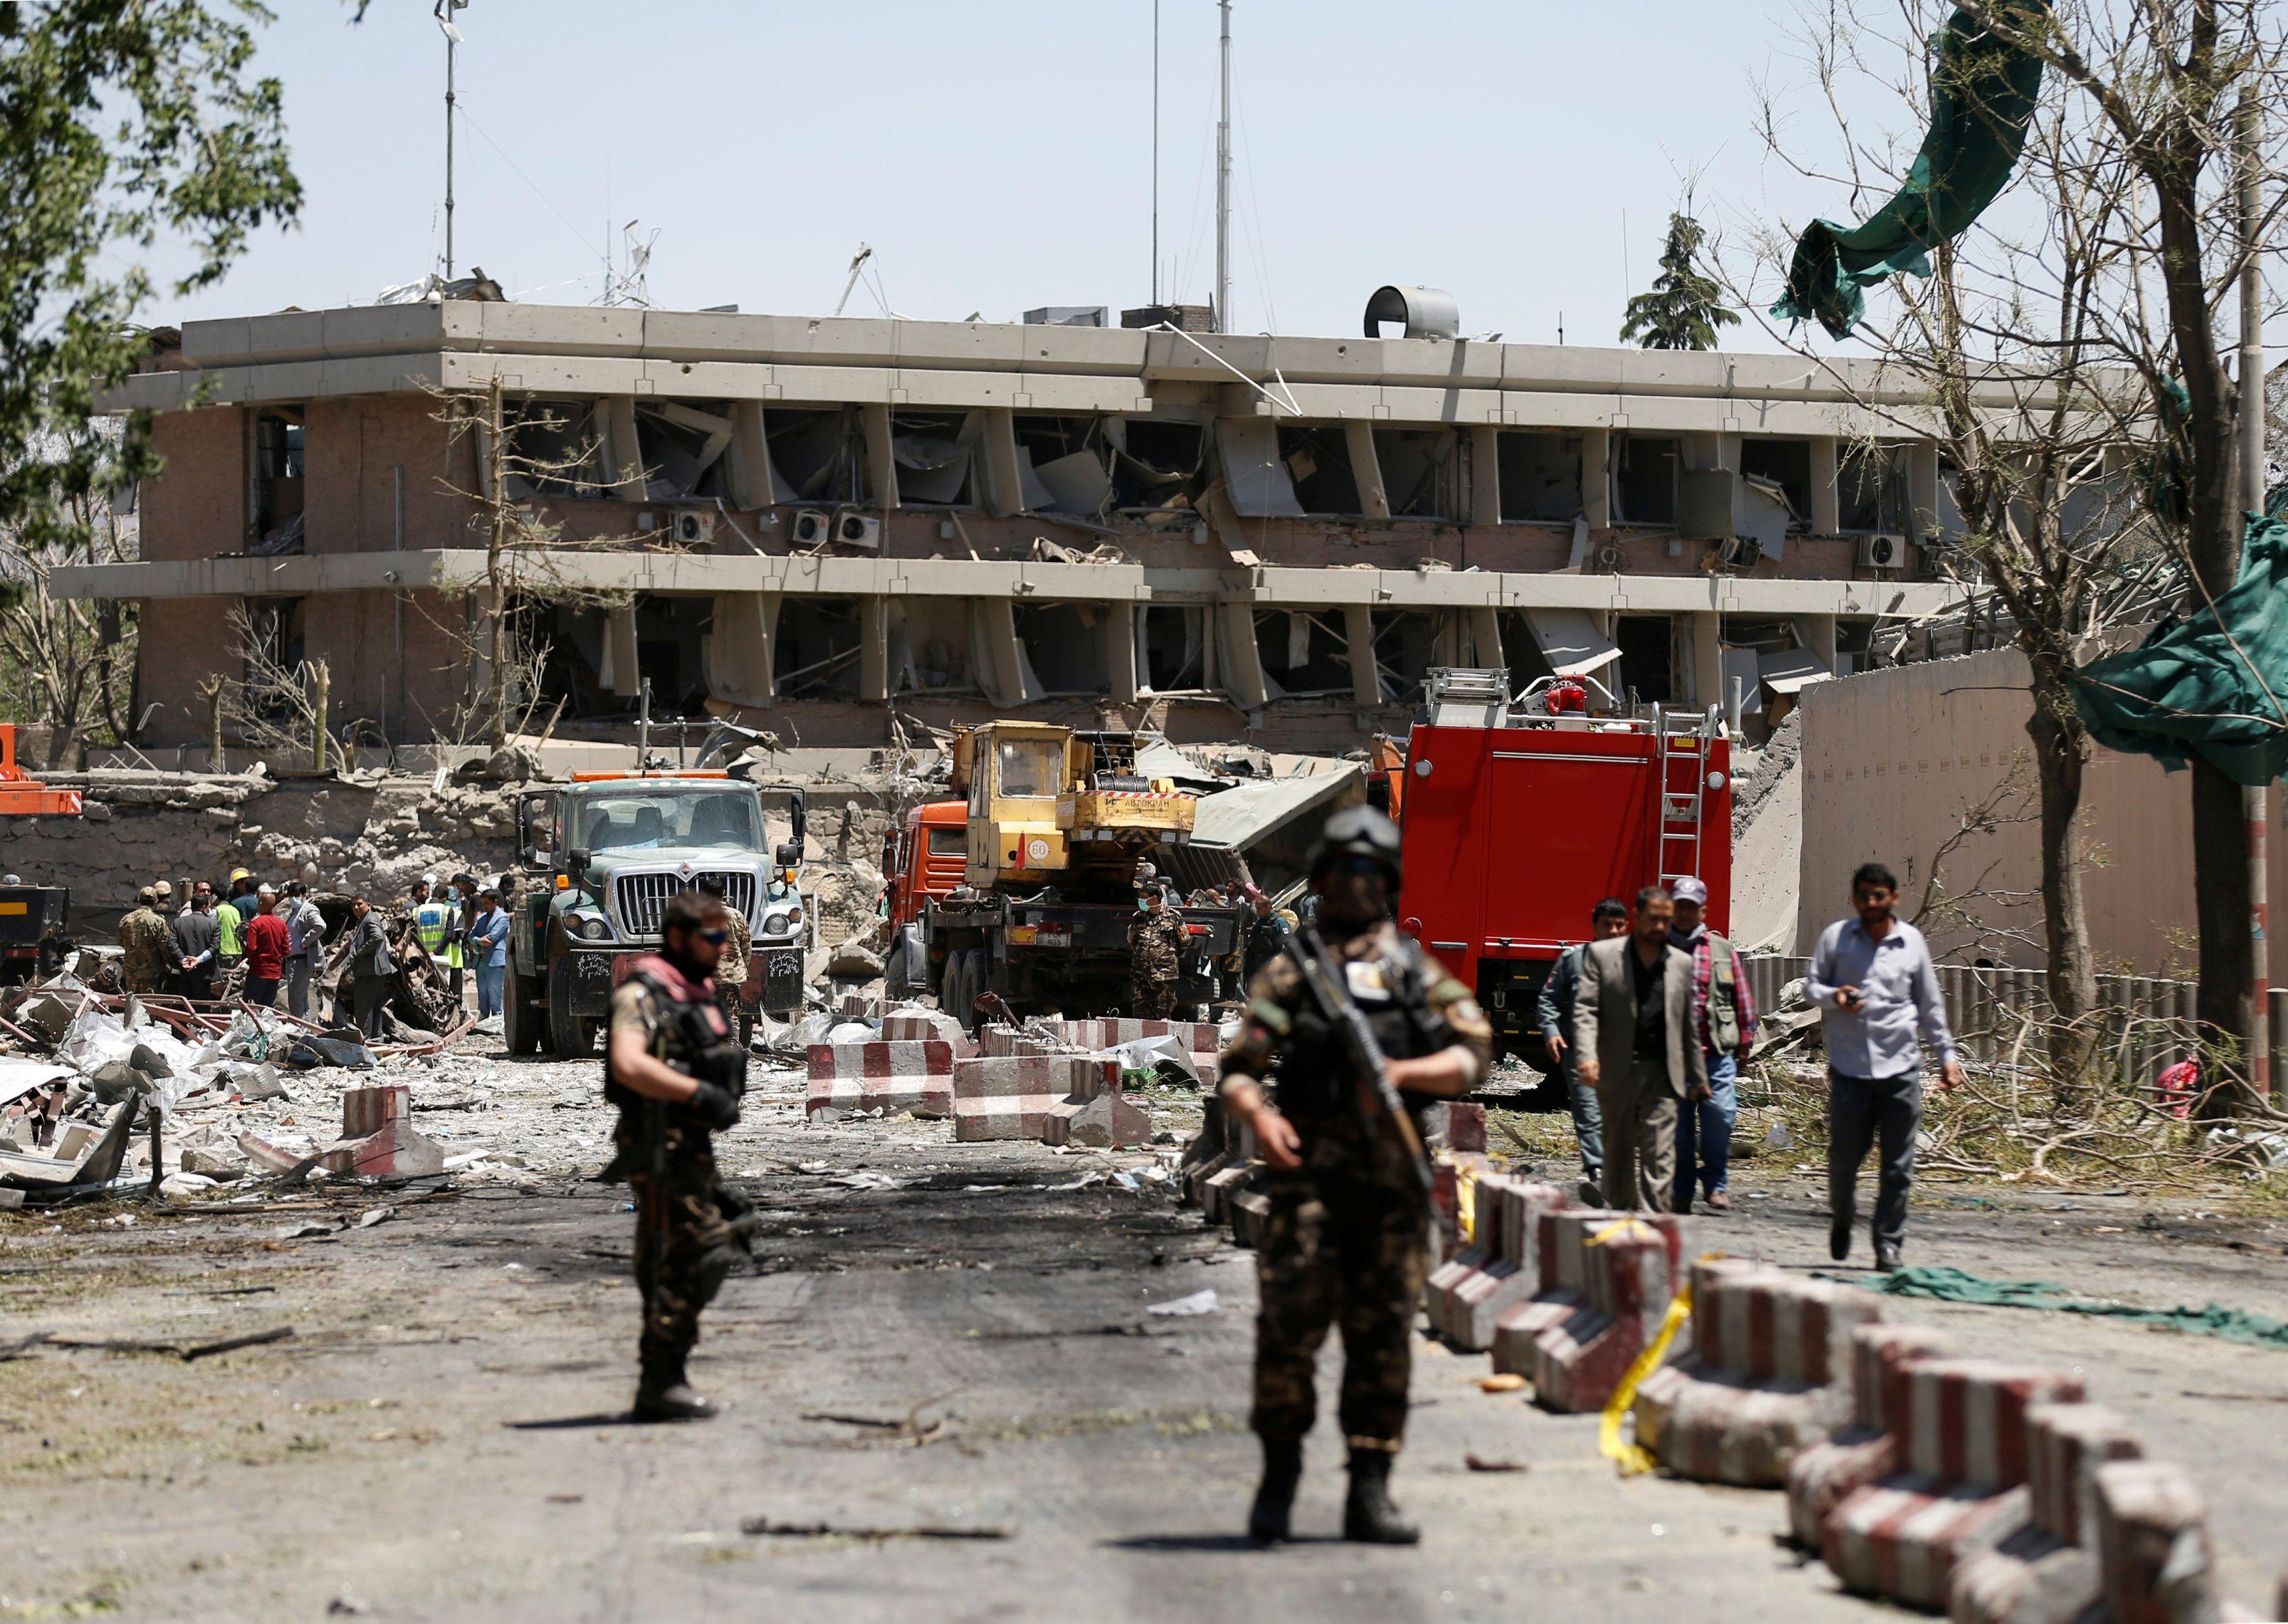 В Кабуле прогремел второй за месяц взрыв / REUTERS